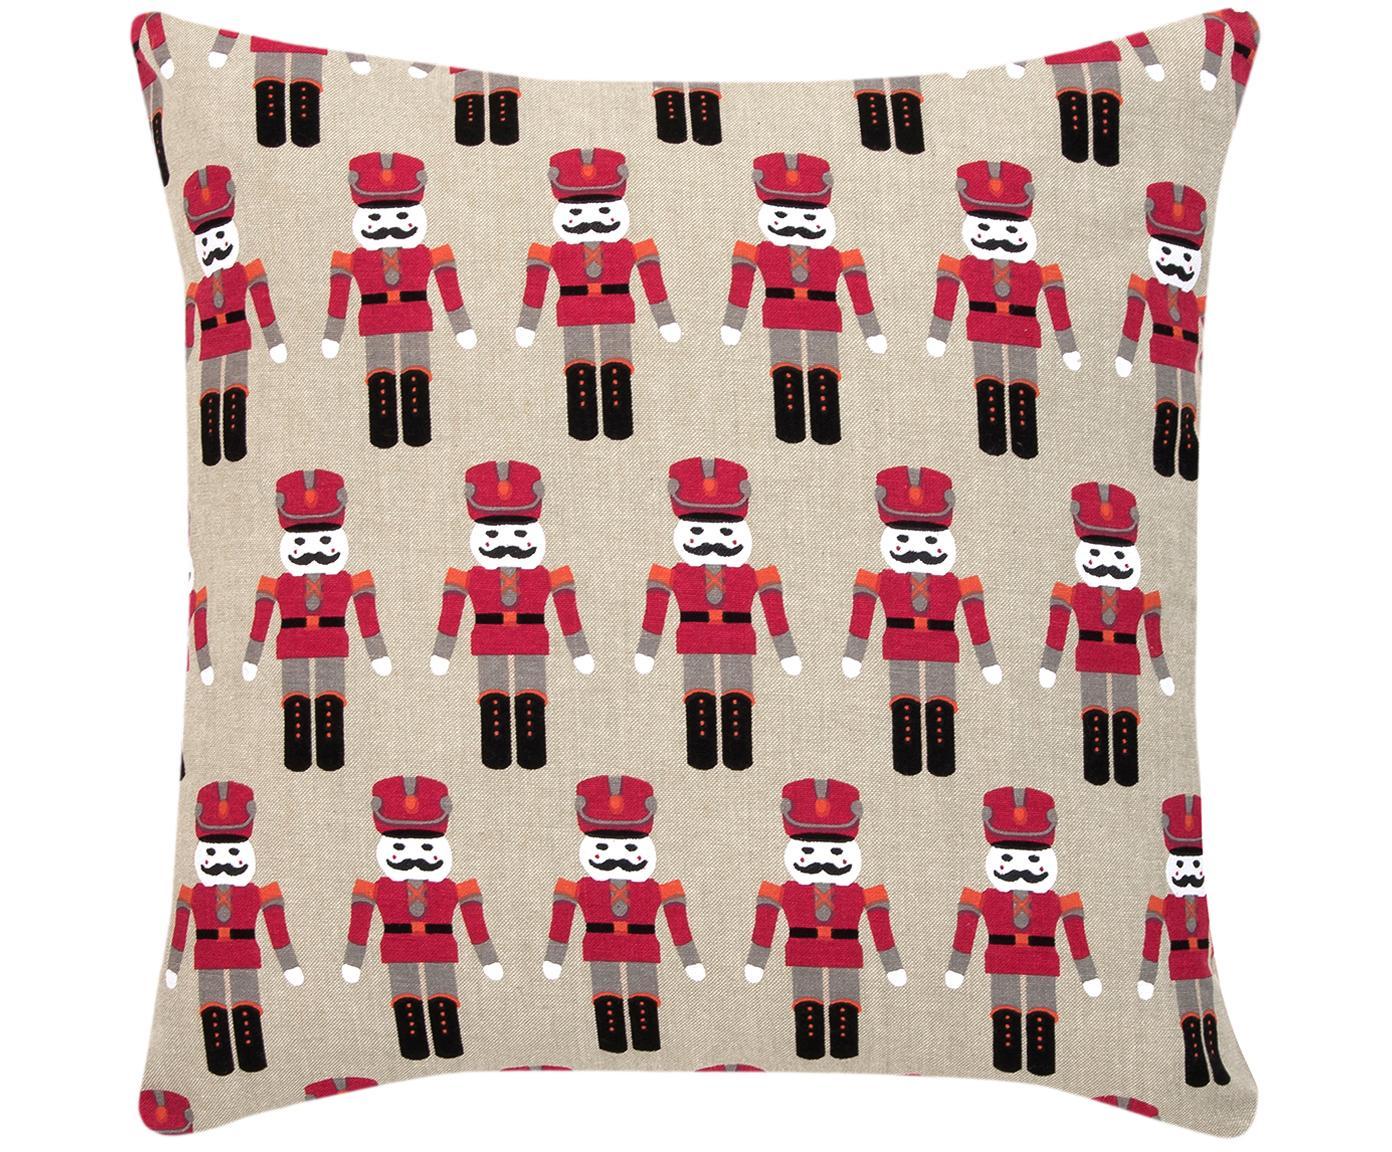 Poszewka na poduszkę Nutcracker, 100% bawełna, Beżowy, czerwony, S 45 x D 45 cm